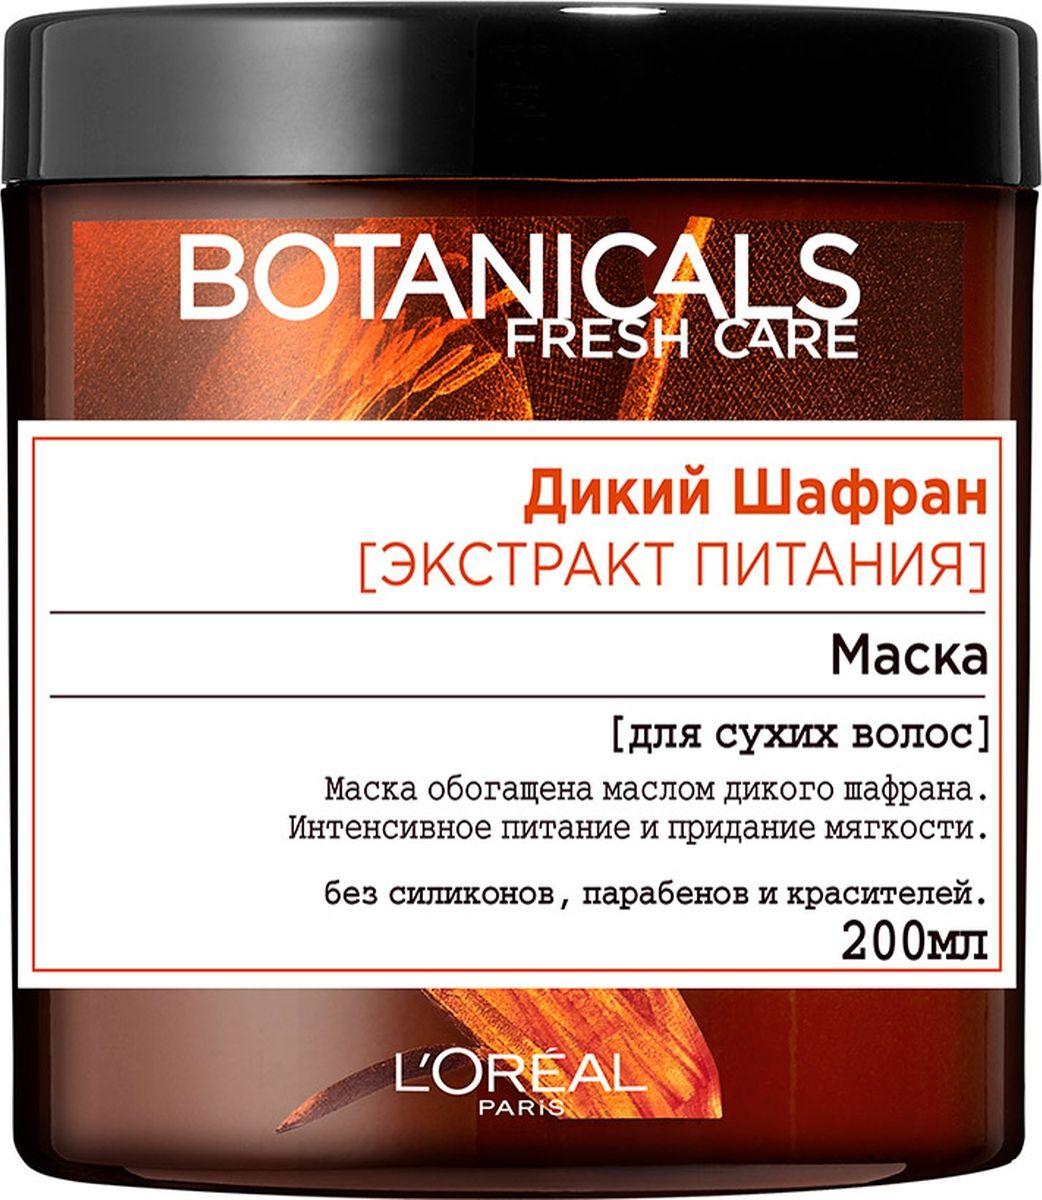 LOreal Paris Маска для волос Botanicals, Дикий Шафран, для сухих волос, питательная, 200 мл, без парабенов, силиконов и красителейA9184900Маска для волос Ботаникалс Дикий Шафран Экстракт Питания, обогащенная натуральными ингредиентами: маслами дикого шафрана, кокоса и сои, интенсивно питает и придает мягкость волосам. Без силиконов, парабенов и красителей.Botanicals Fresh Care заботится не только о красоте и здоровье ваших волос, но и об окружающей среде. Формулы содержат натуральные, полезные для человека и безопасные для окружающей среды компоненты.